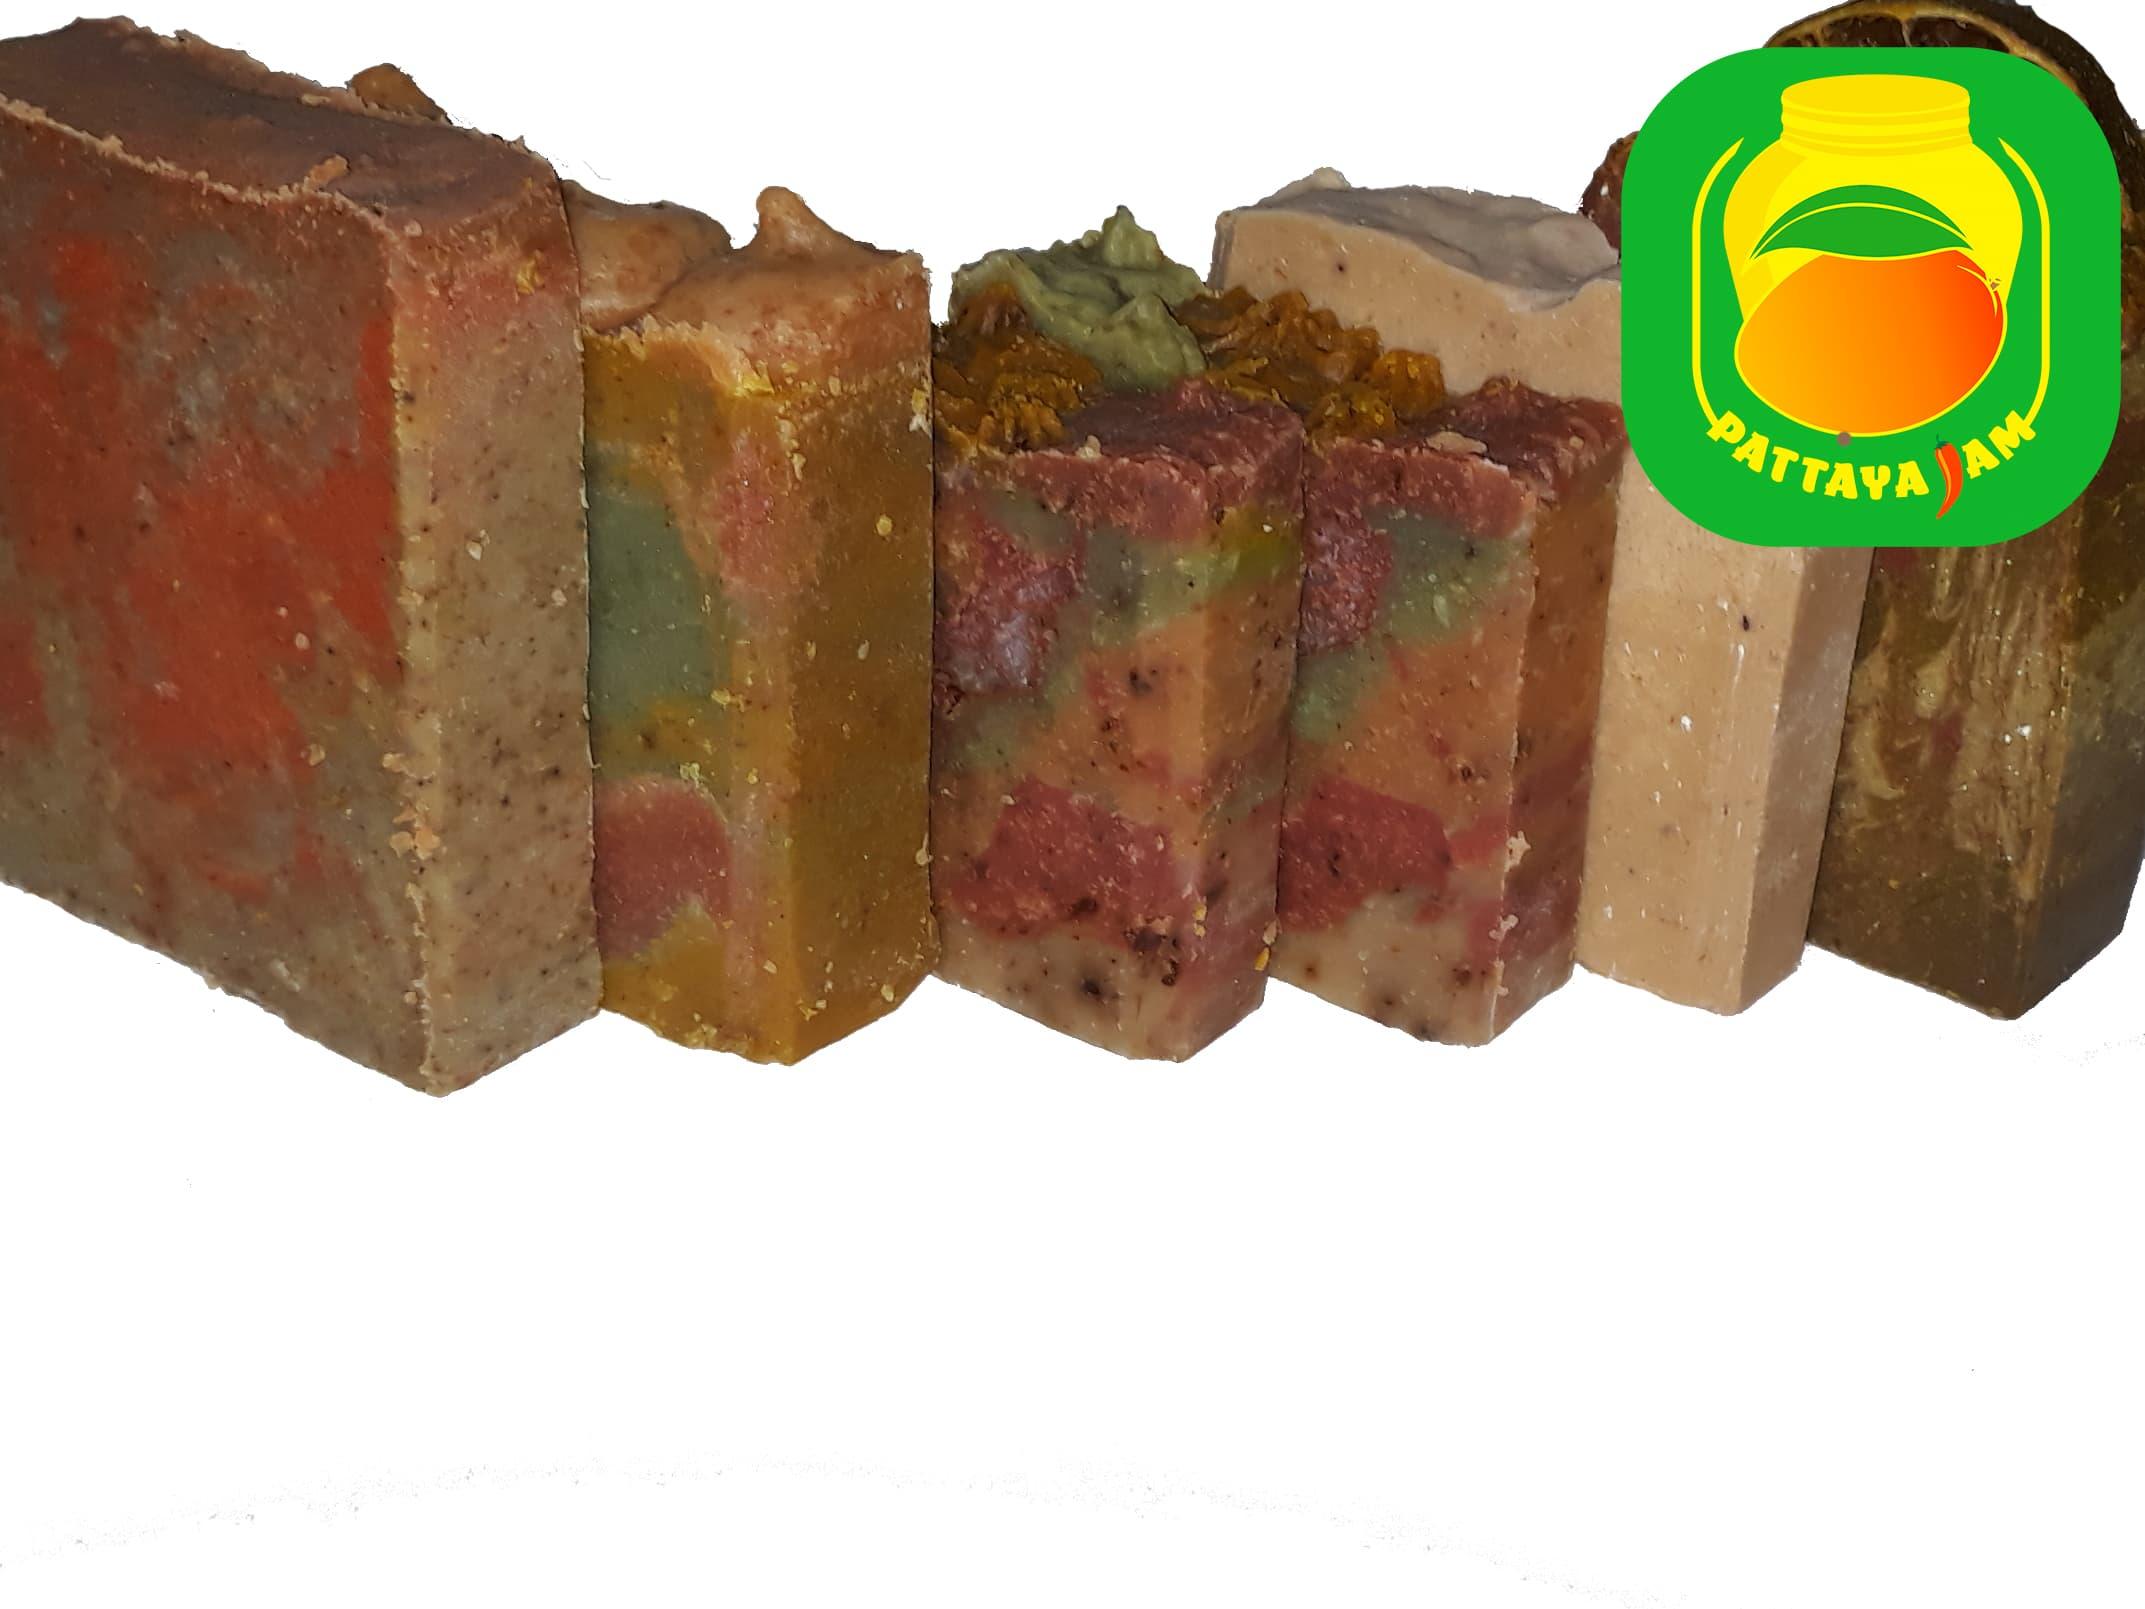 Шелковое мыло скраб из тайских фруктов, ручной работы, с нуля в Паттайе.